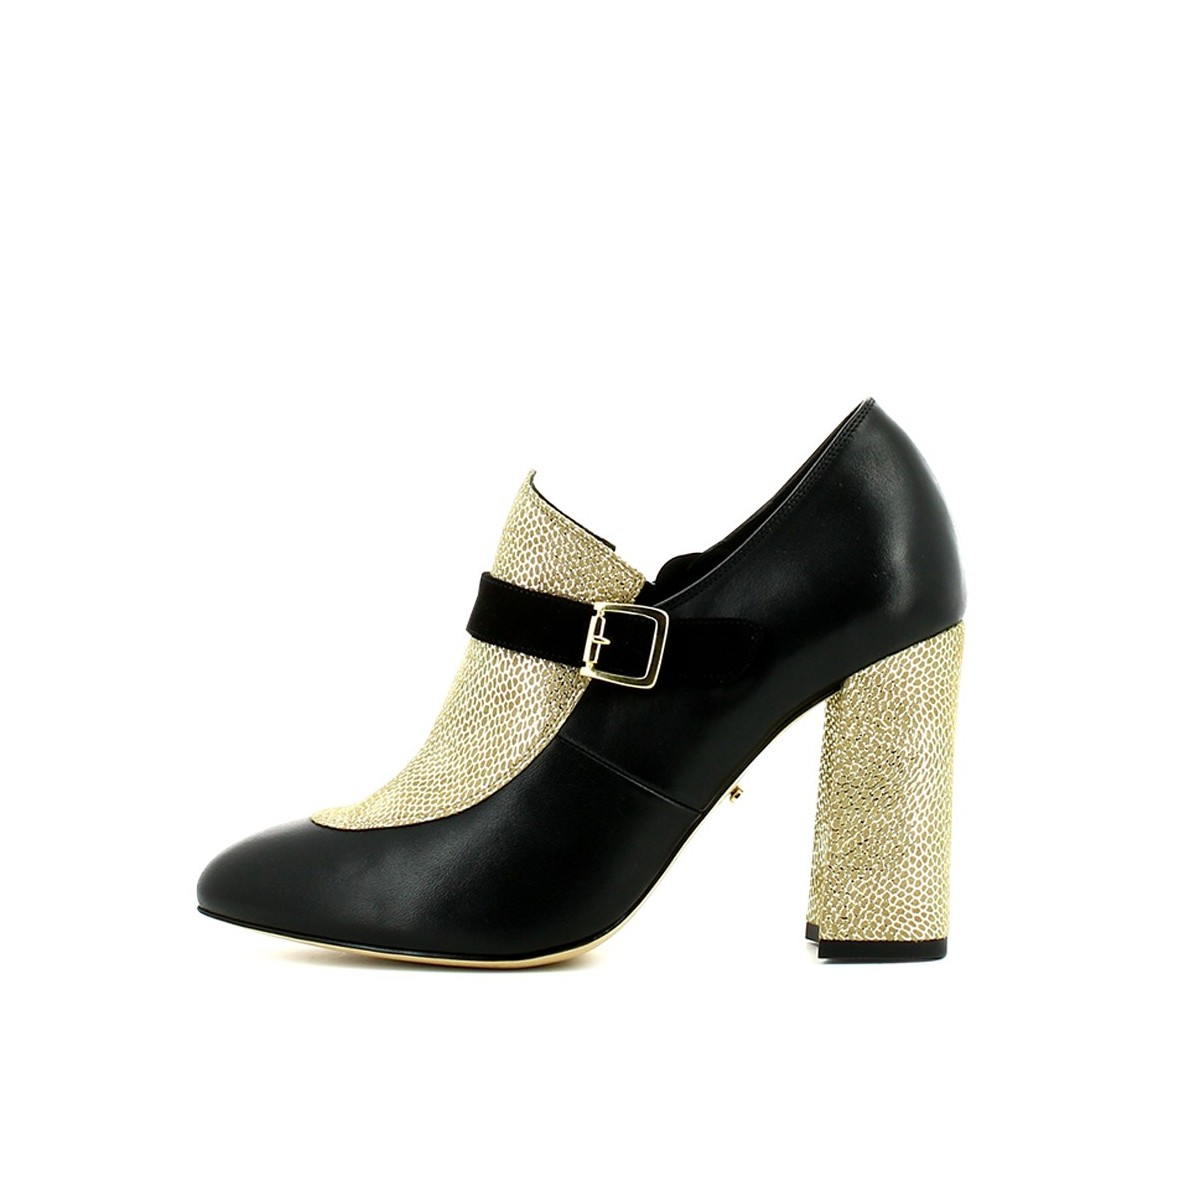 Sapato senhora preto ouro